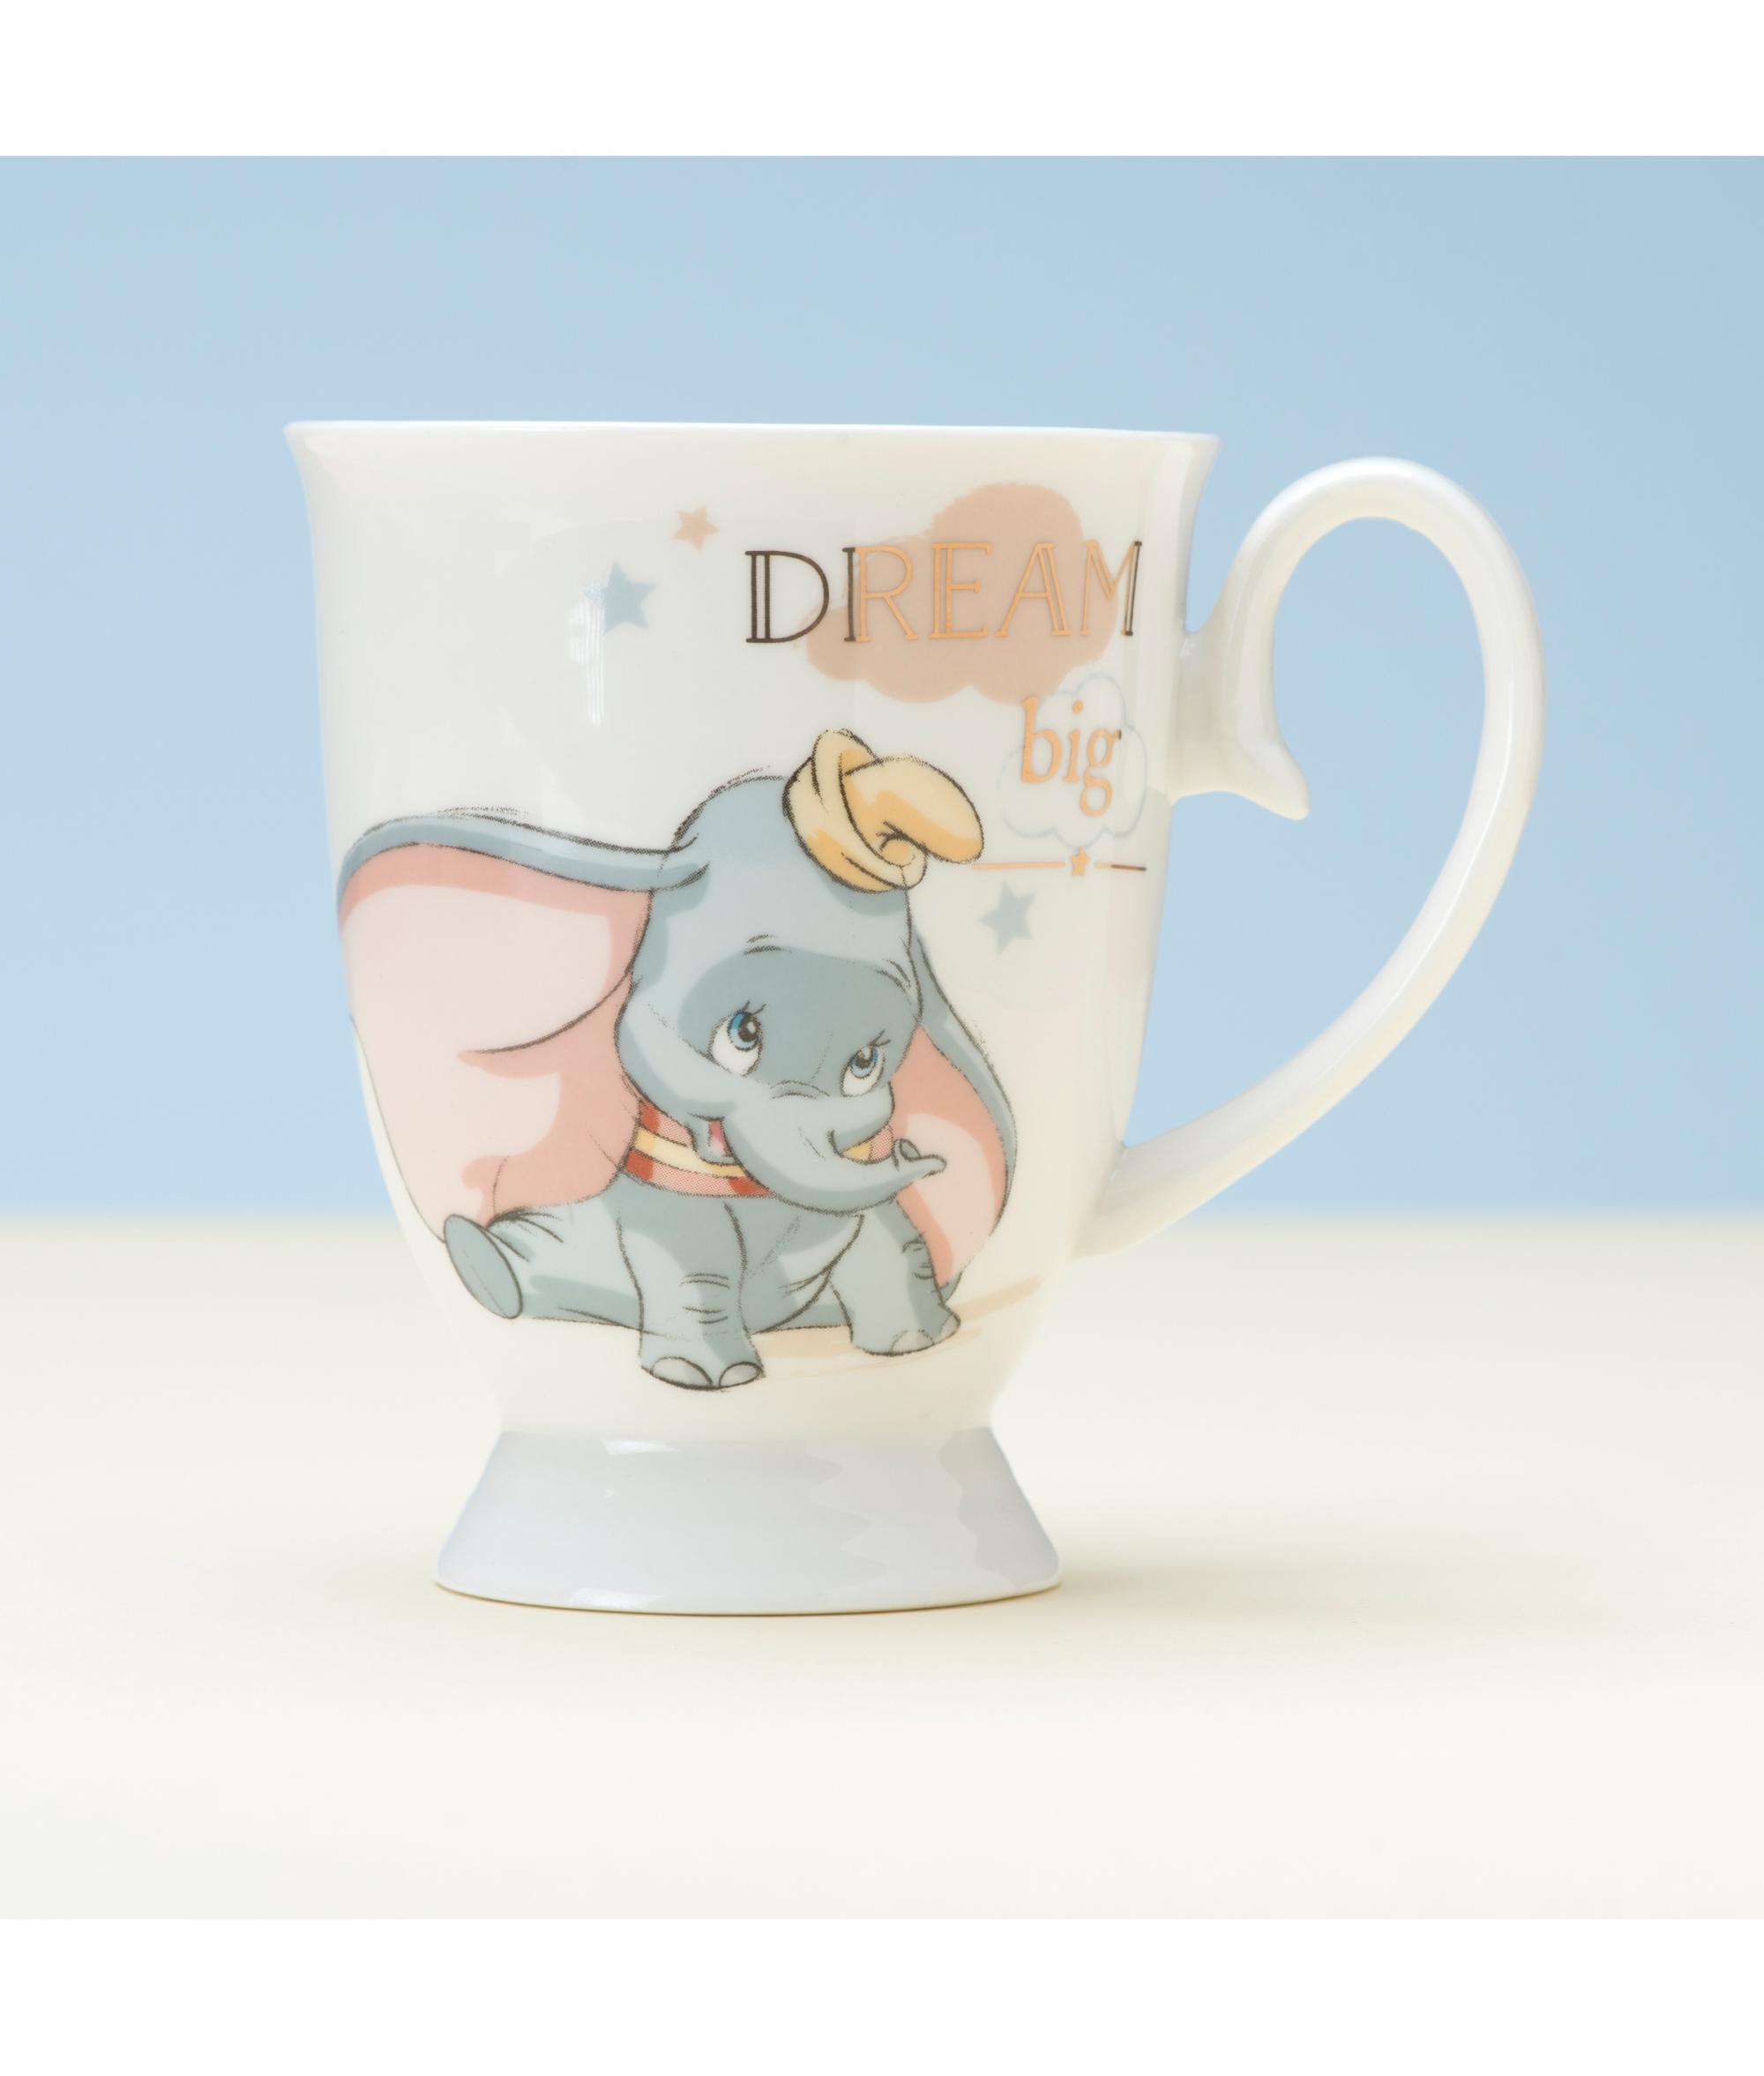 MugCancer Moments Magical Big Dumbo Dream Disney 5j34cLARq